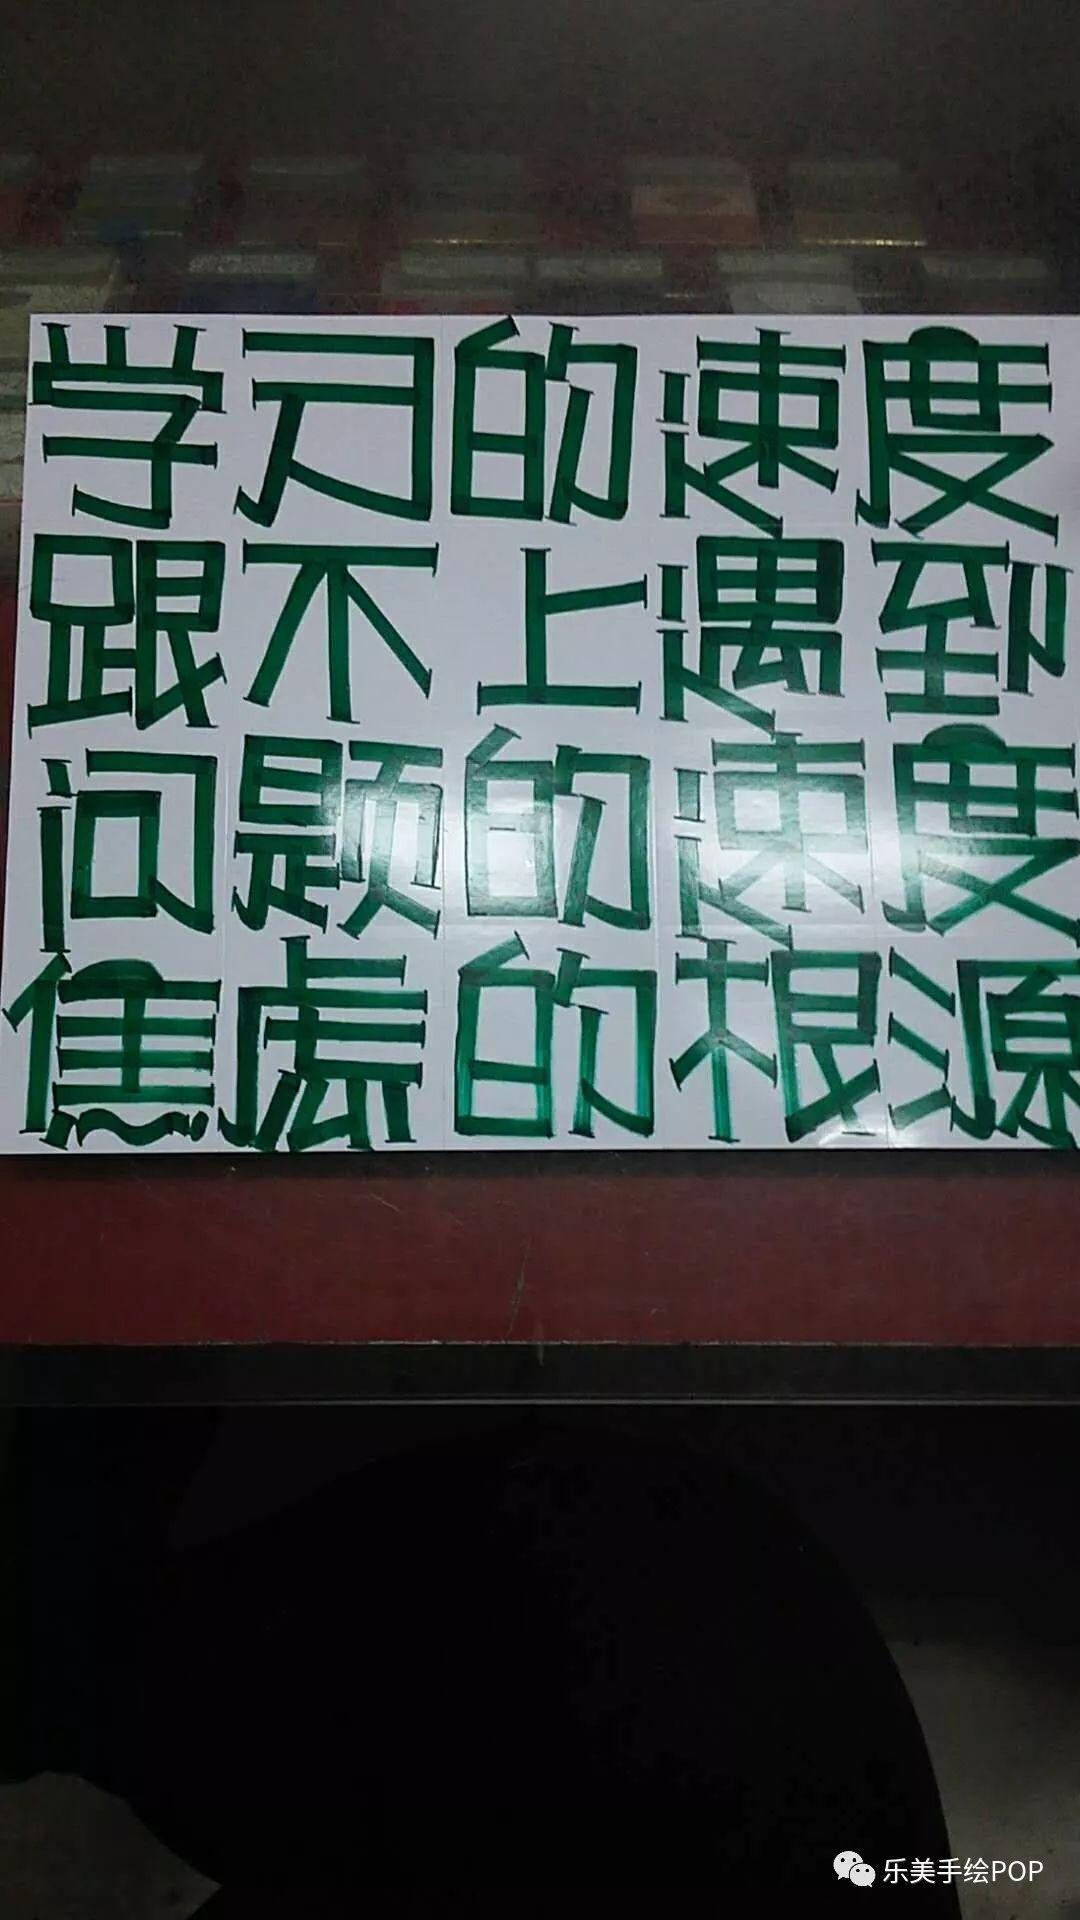 中国梦空心字图片